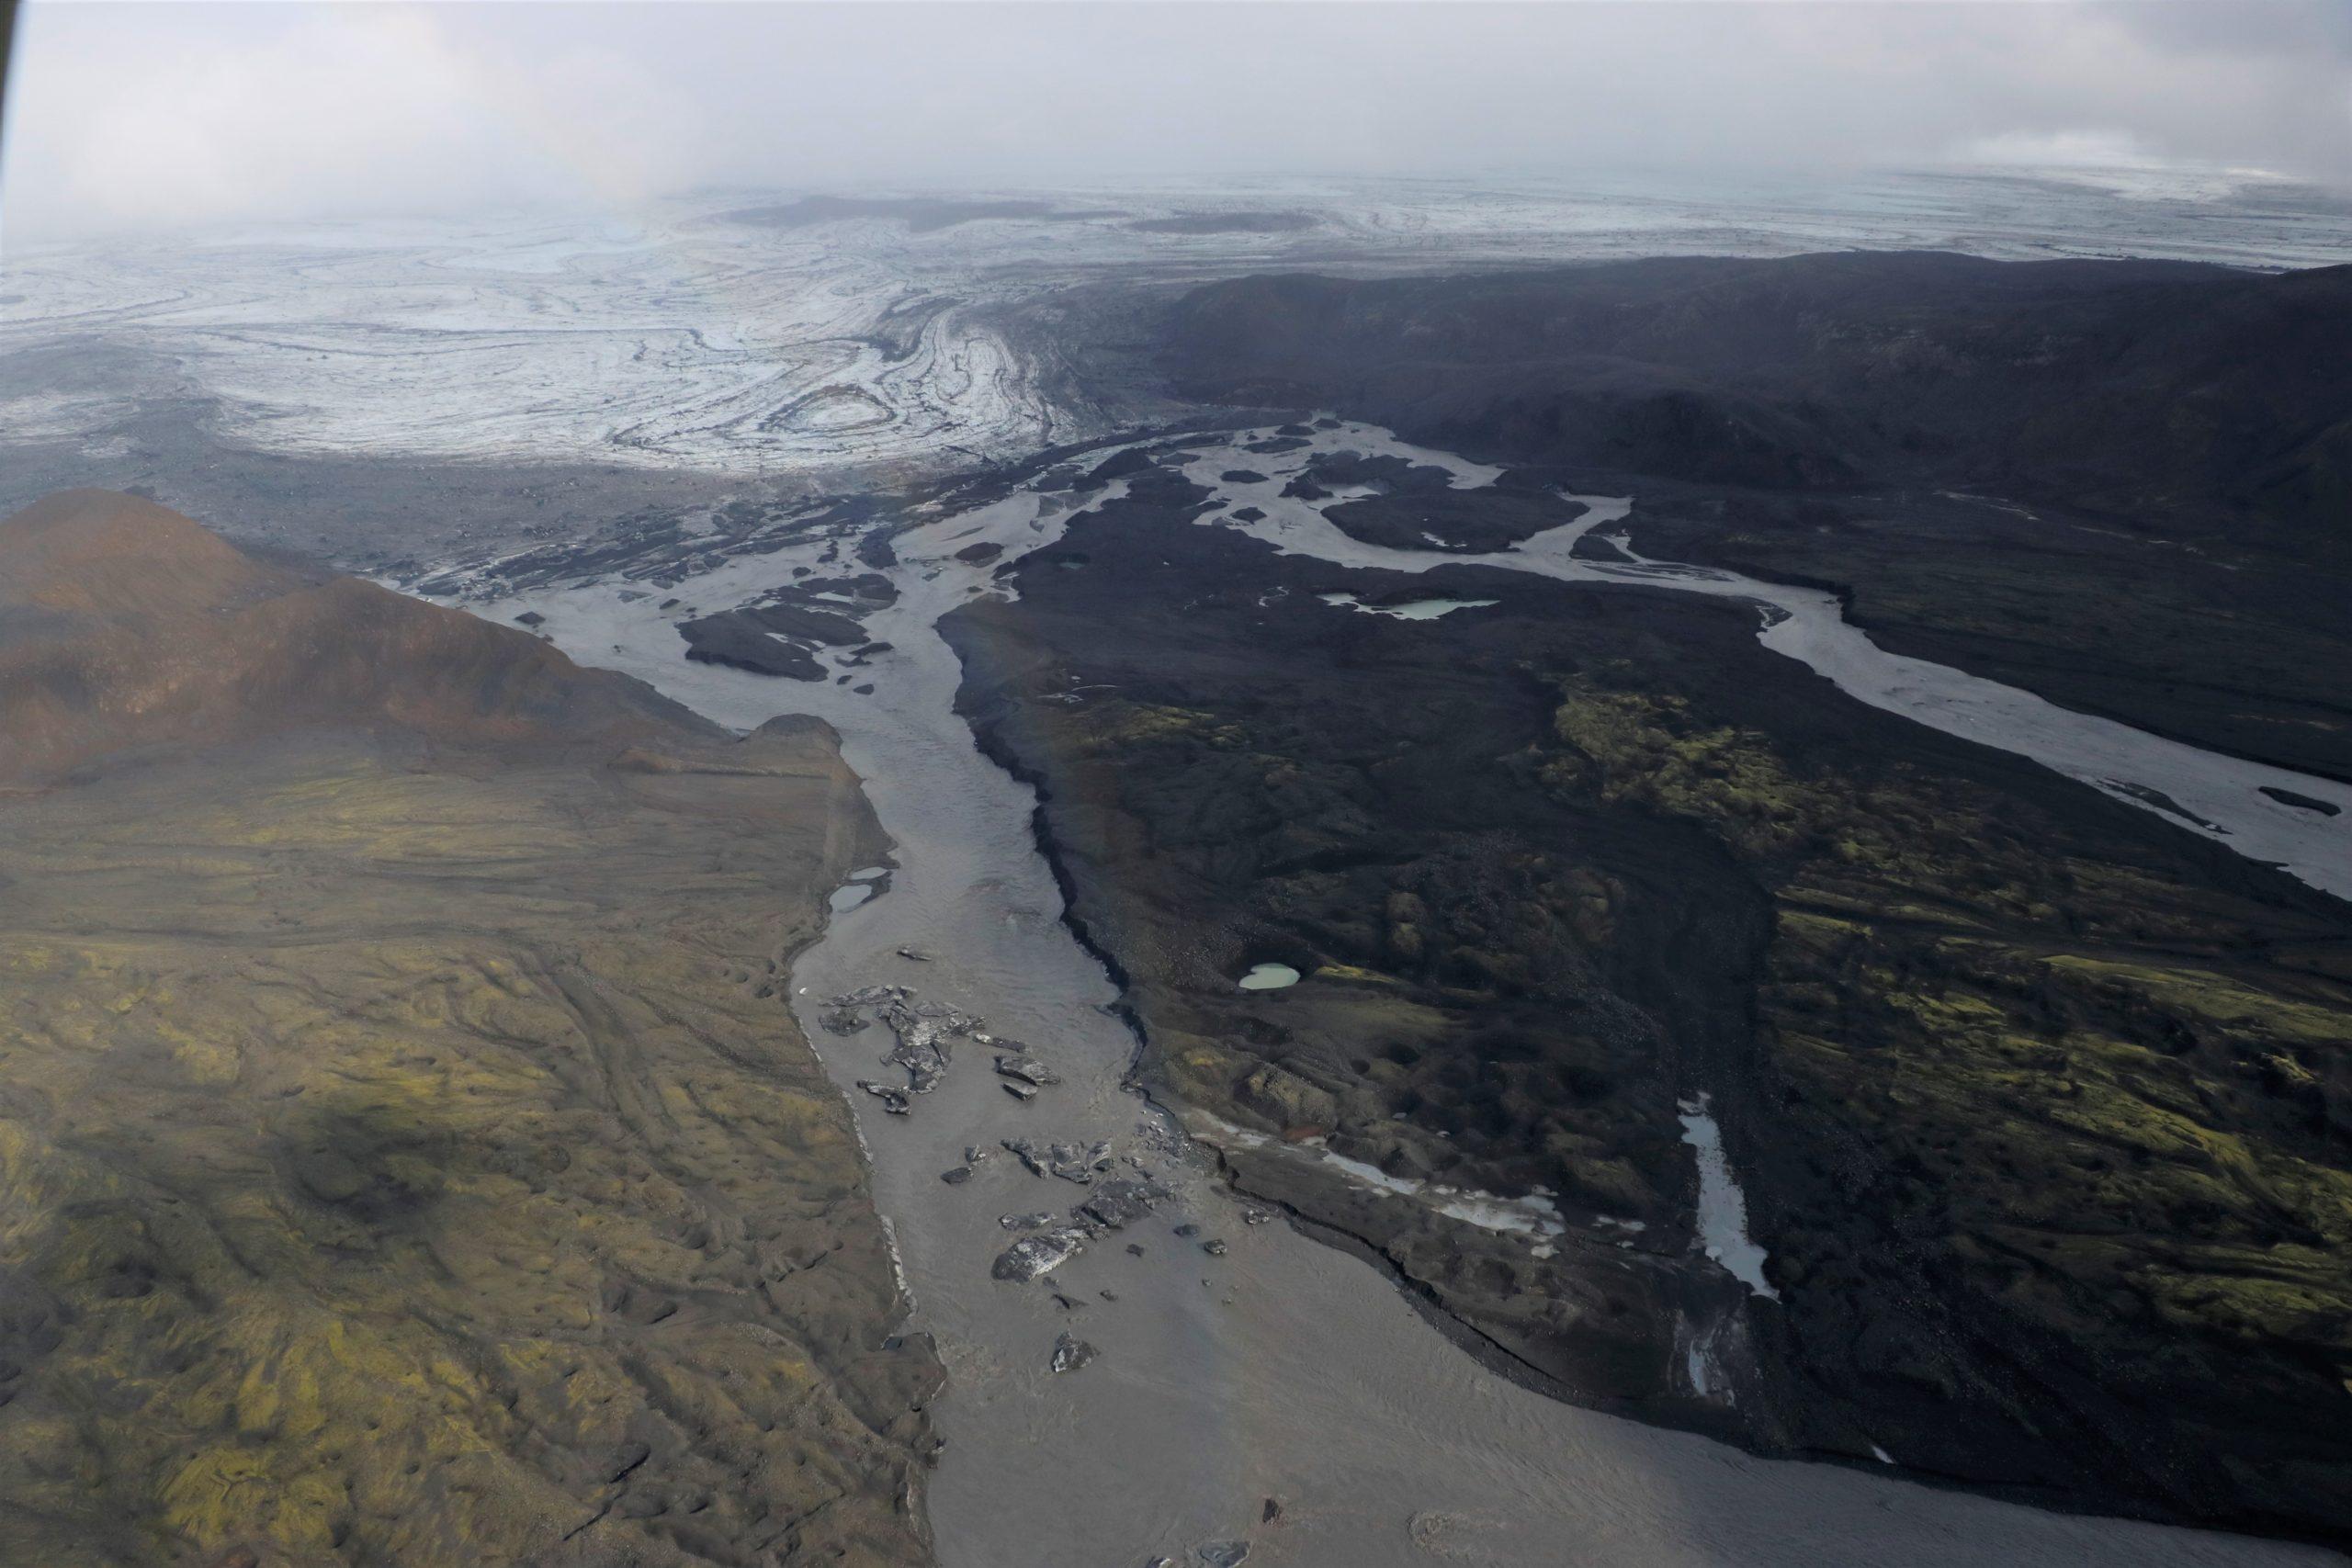 September 09, 2021. EN. Iceland : Skaftá River , Alaska : Semisopochnoi , Northern Mariana Islands : Pagan , Chile : Nevados de Chillan , Mexico : Popocatepetl .